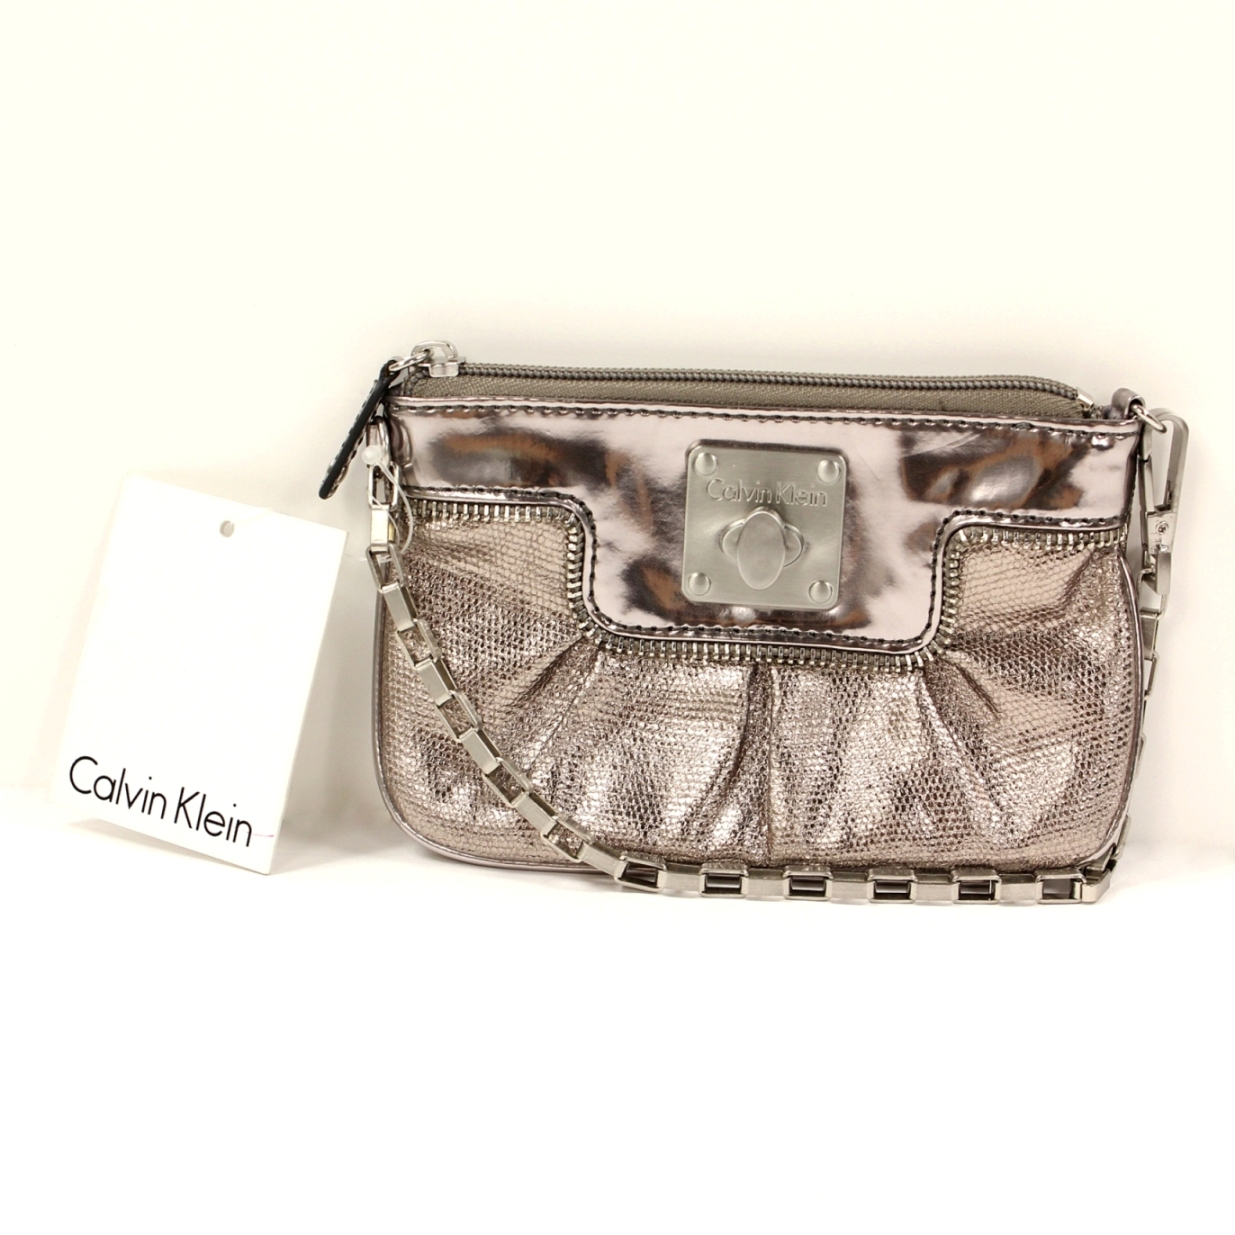 美國百分百【全新真品】Calvin Klein 包 手拿包 CK 女包 小包 宴會 鎖頭 化妝包 婚禮 銀色 限量 B431